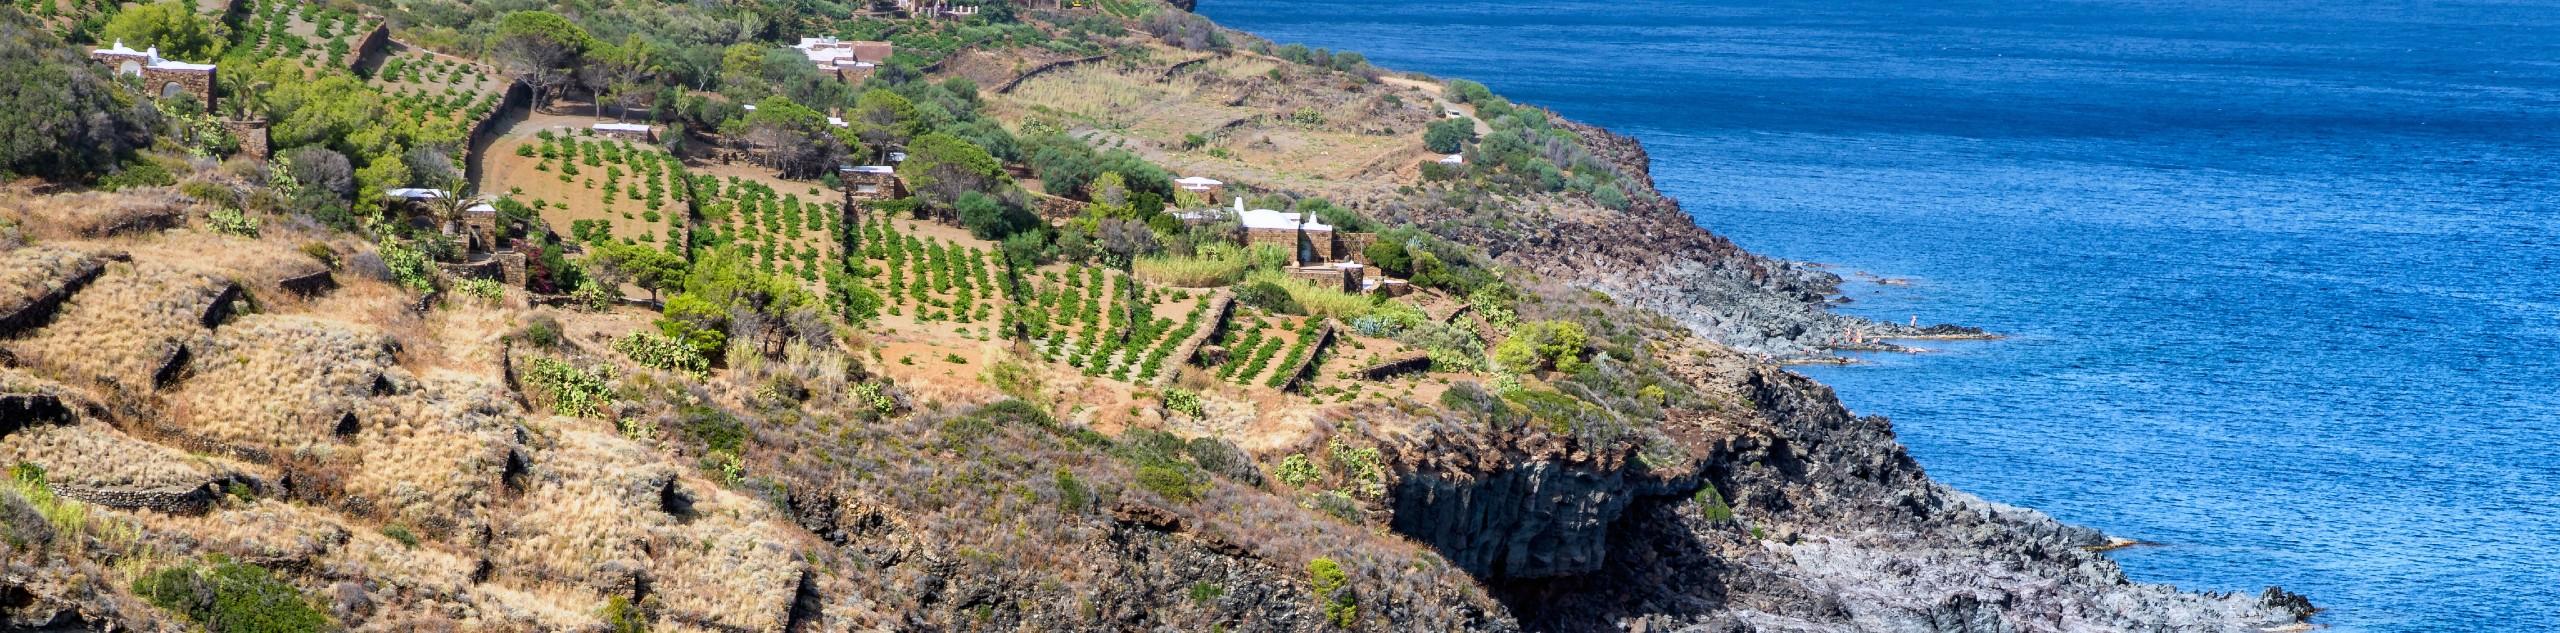 Hiking in Pantelleria